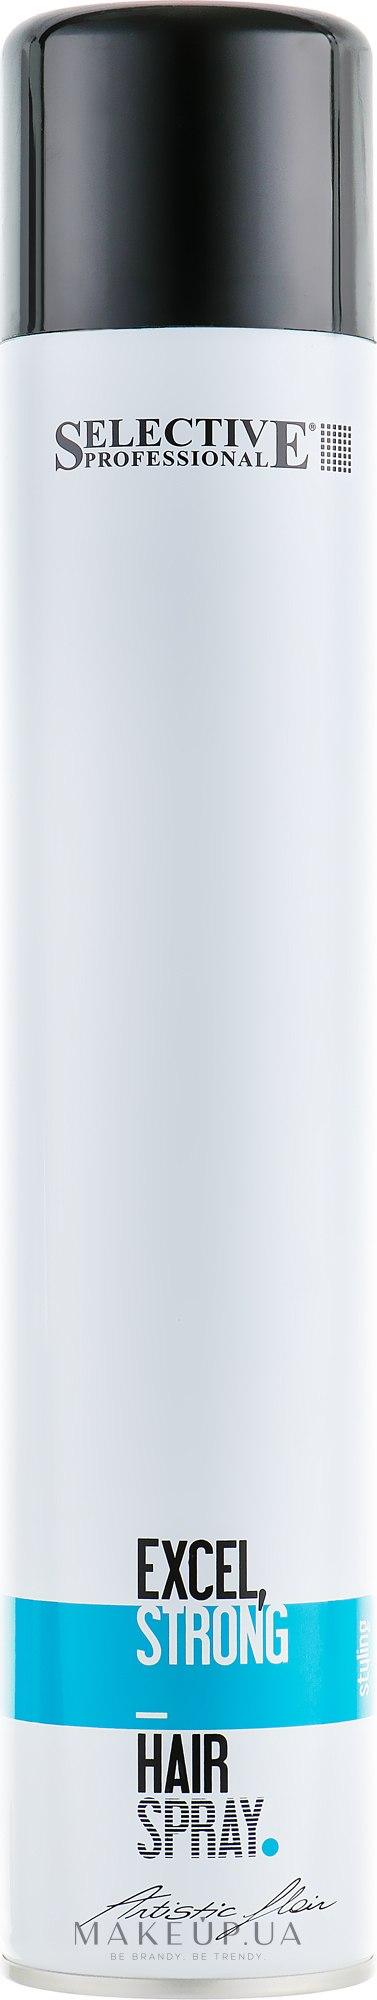 Лак для волос сильной фиксации - Selective Professional Artistic Flair Excel Strong Hairspray — фото 500ml